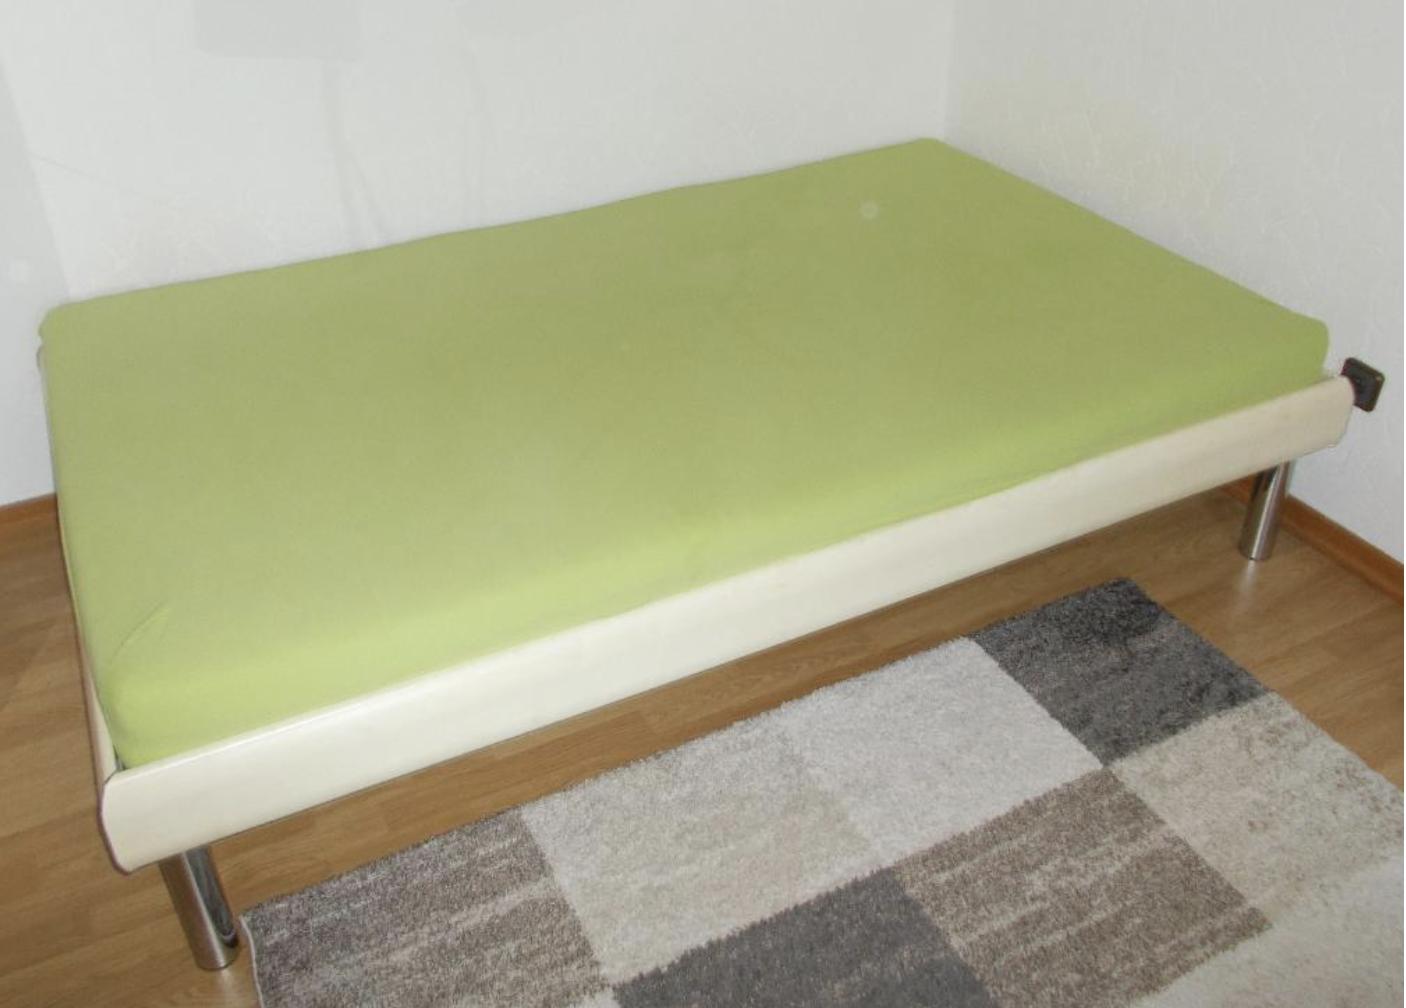 Studentenwerk - Service - Online-Pinnwand - 120cm breites Bett mit ...